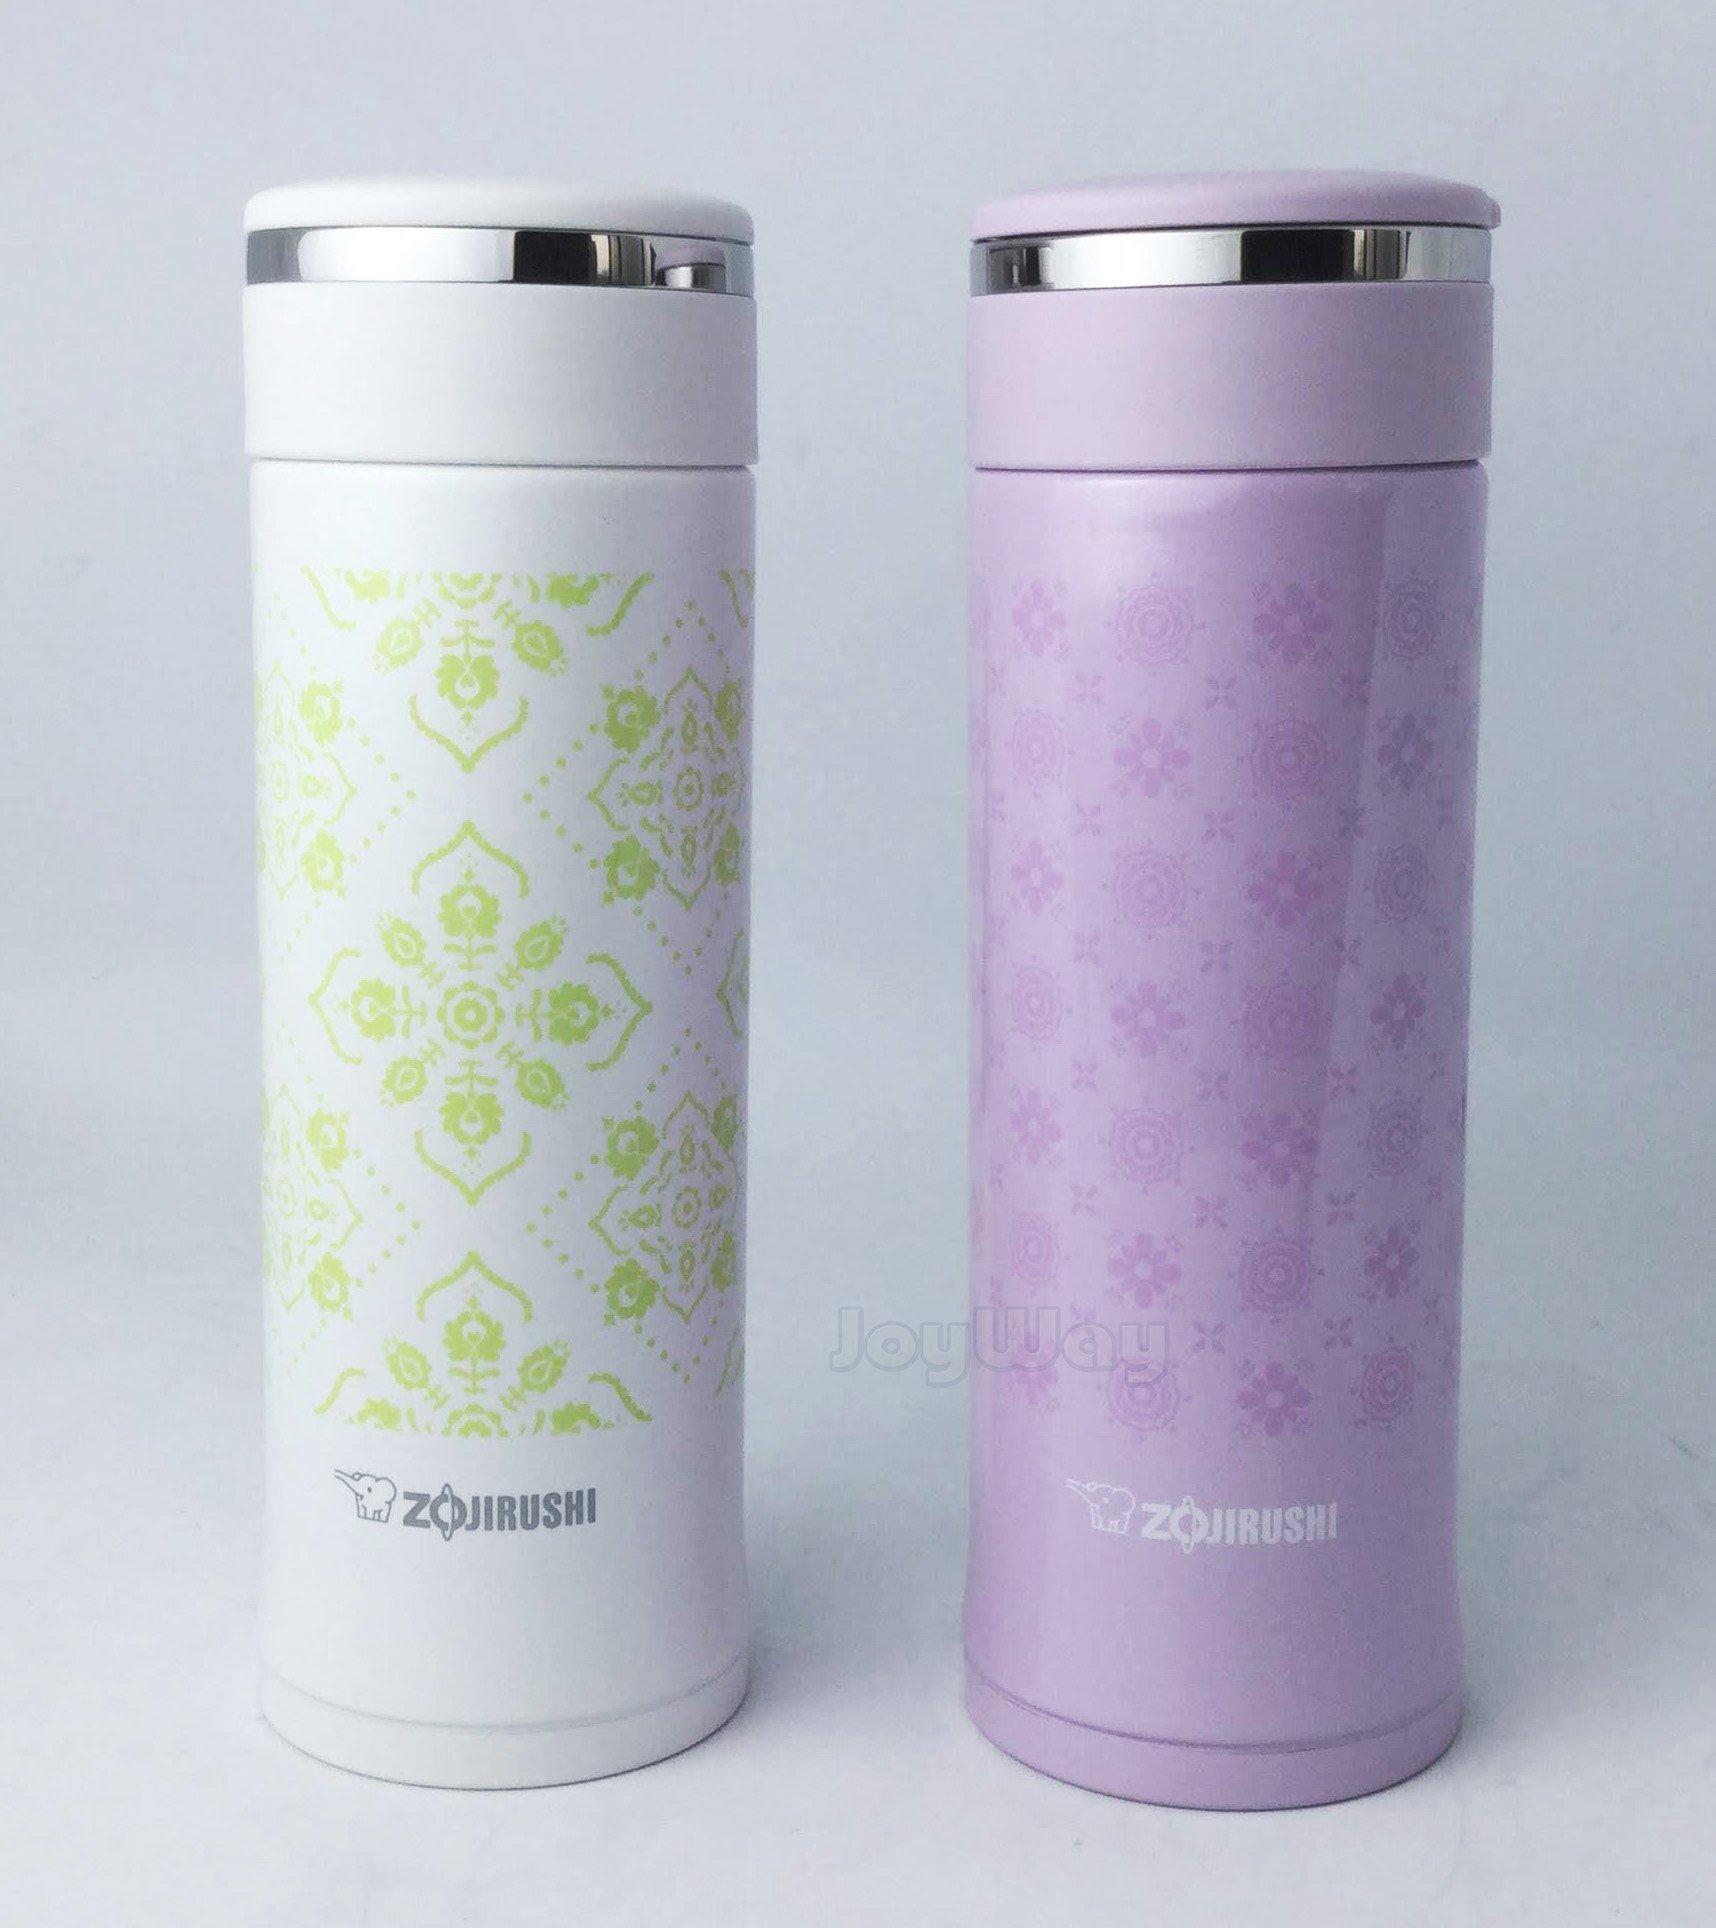 公司貨【象印 ZOJIRUSHI】300ml 迷你型可分解杯蓋不鏽鋼真空保溫杯 保溫瓶 SM-ED30